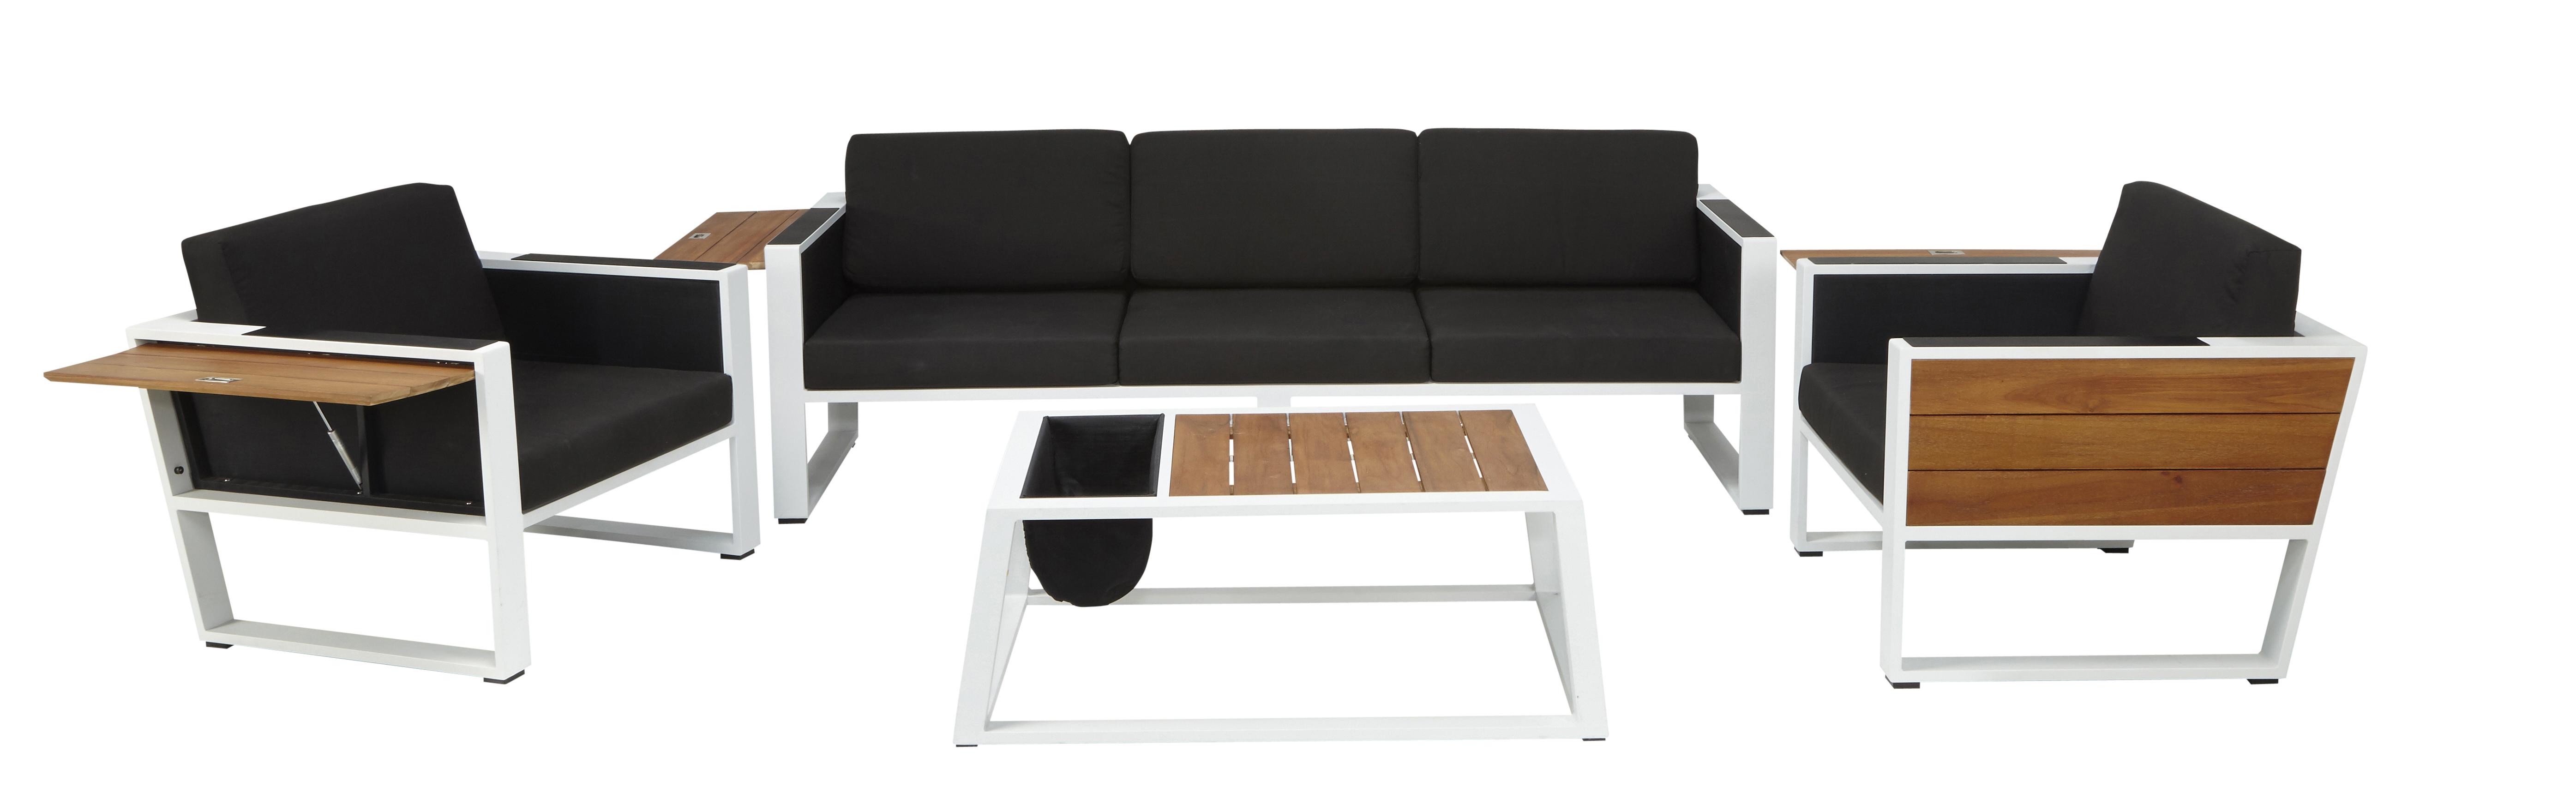 RUE DU COMMERCE - Salon bas de jardin 4 pièces Noir, blanc et bois ...